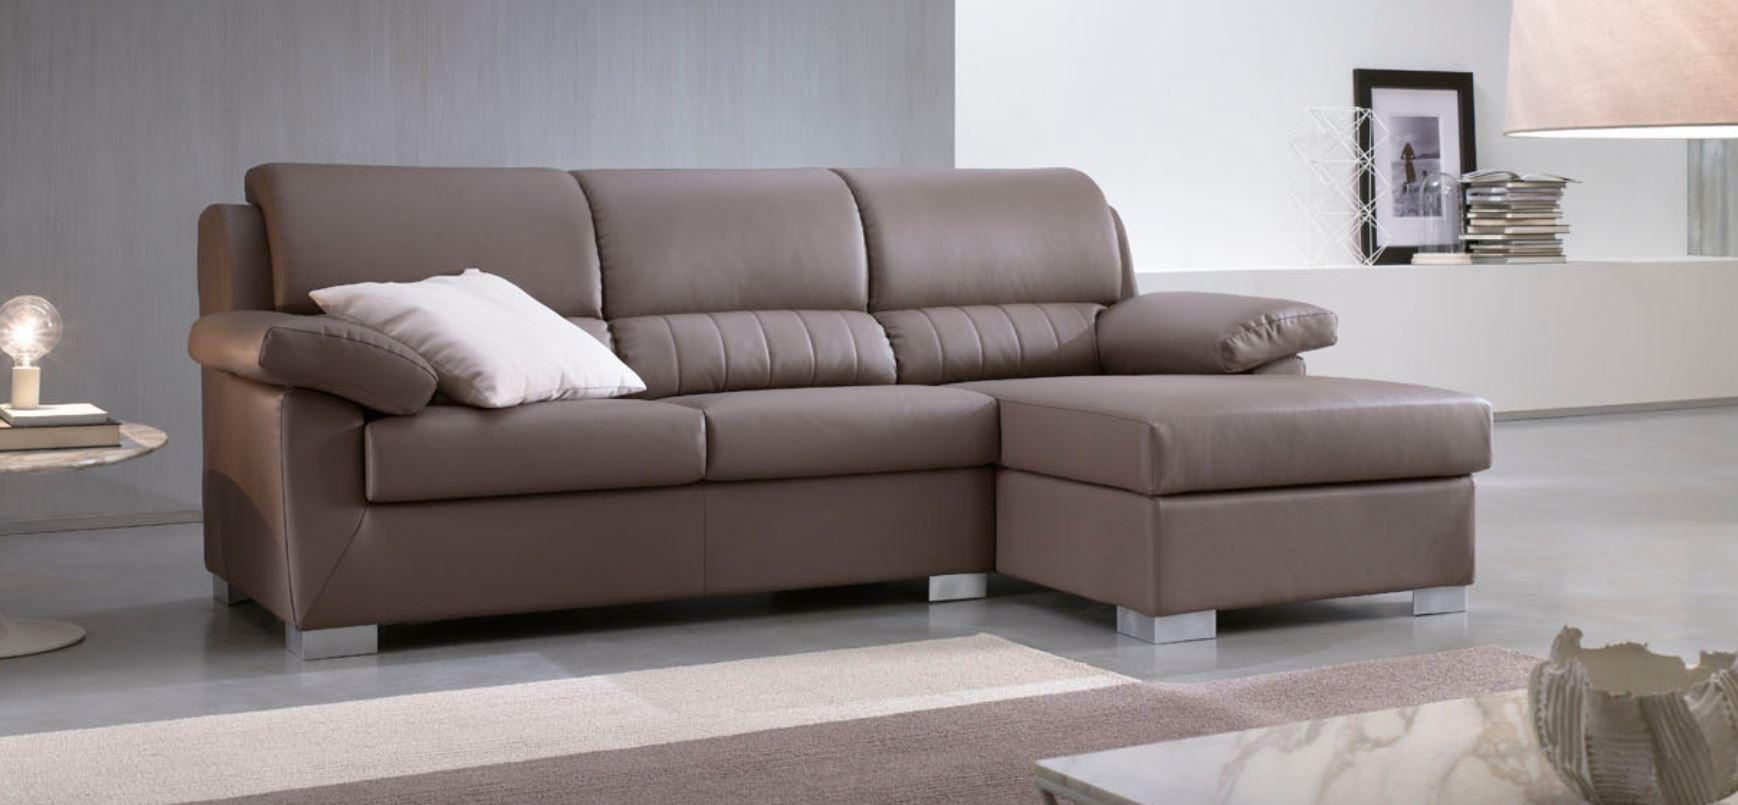 Centro divani in stile moderno in tessuto pelle ecopelle - Posizioni sul divano ...